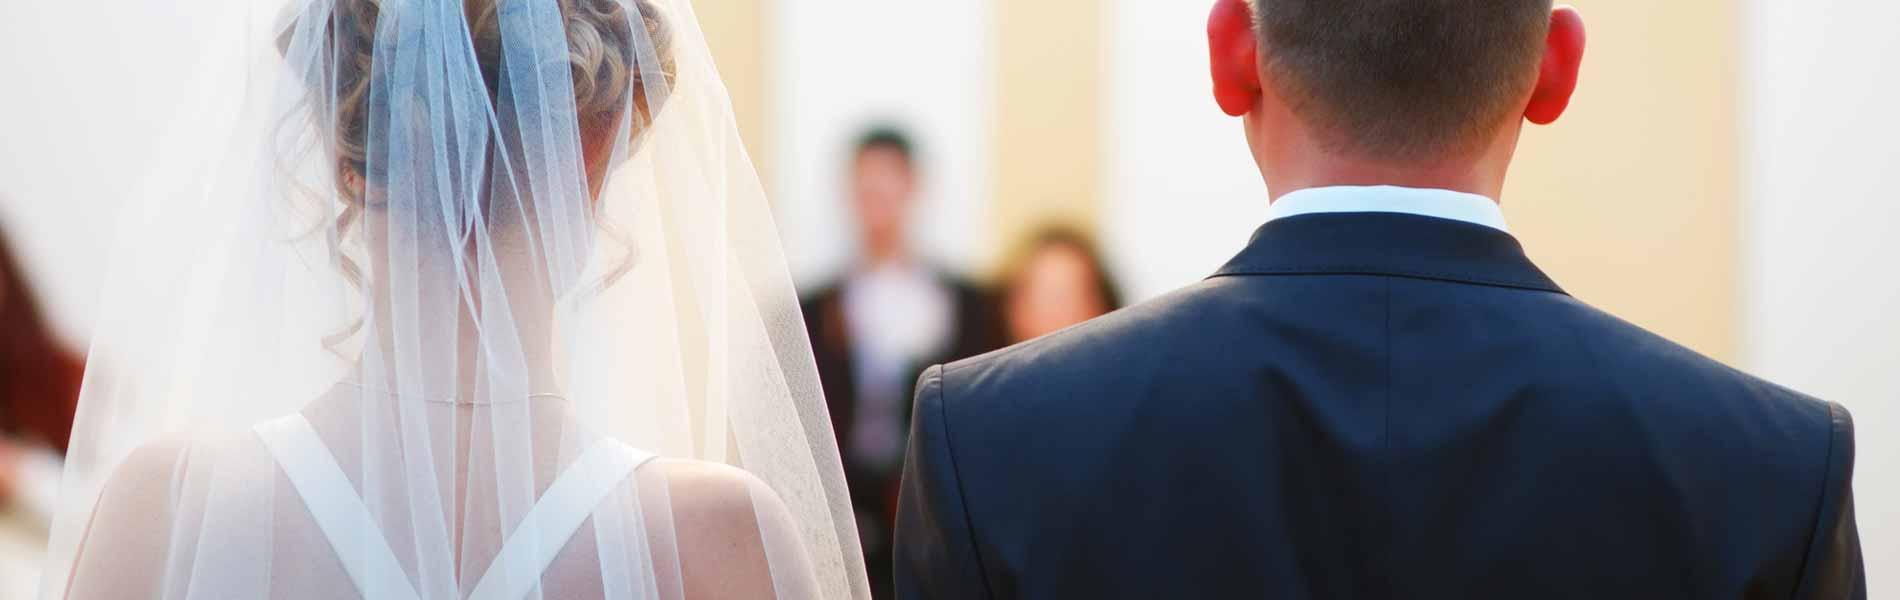 Votre site de mariage avec accès sécurisé